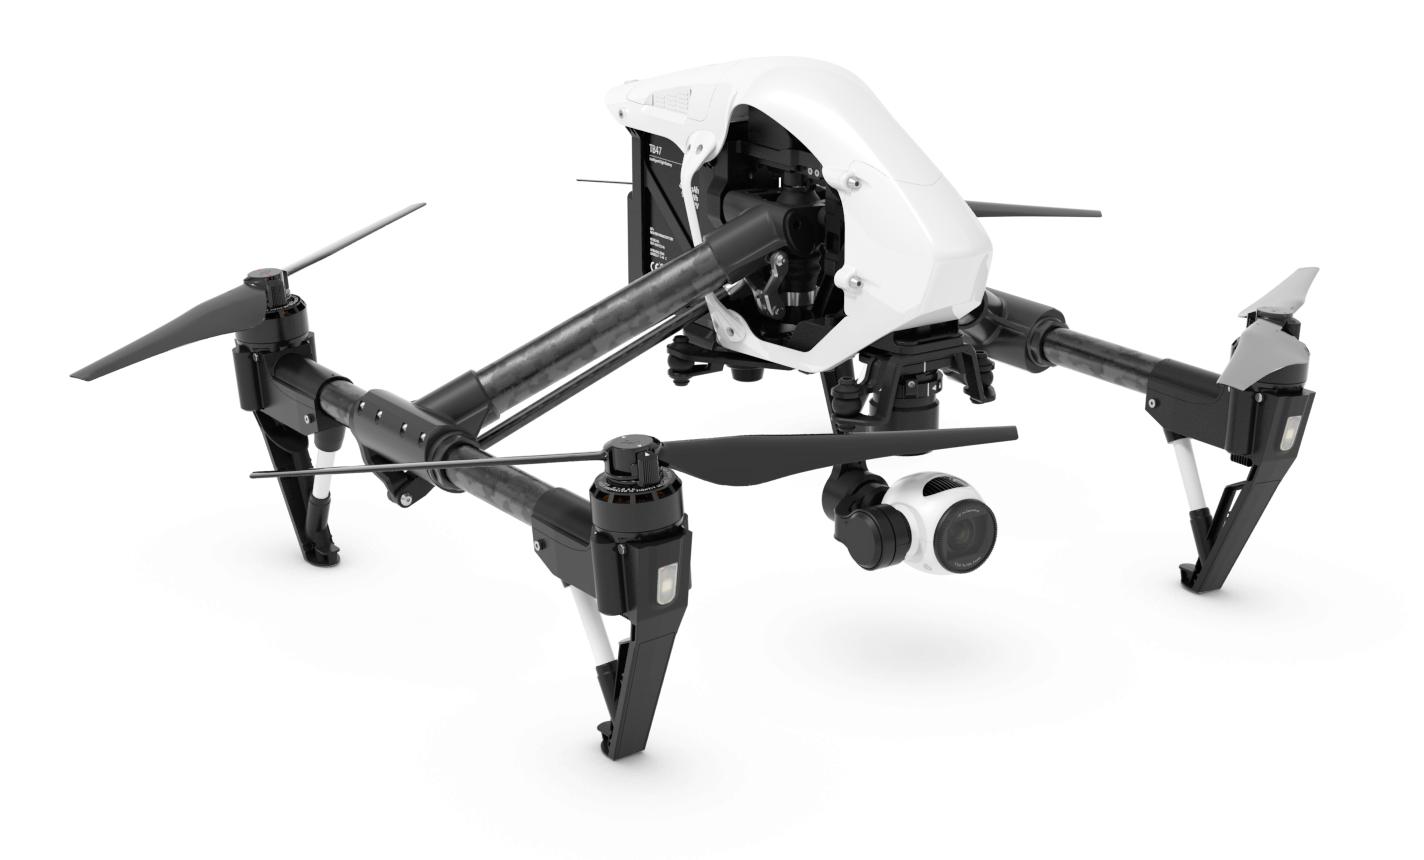 parrot drone 2 0 app with 252385427453 on Robot Espion Et Drone Espion also Migliori Droni Professionali Telecamera Fpv also Drone Mapping Biggest Business Potential Uav Applications also Parrot In Arrivo Lapp Ufficiale Per Il Controllo Di Ar Drone Su Windows Phone likewise 32364595412.